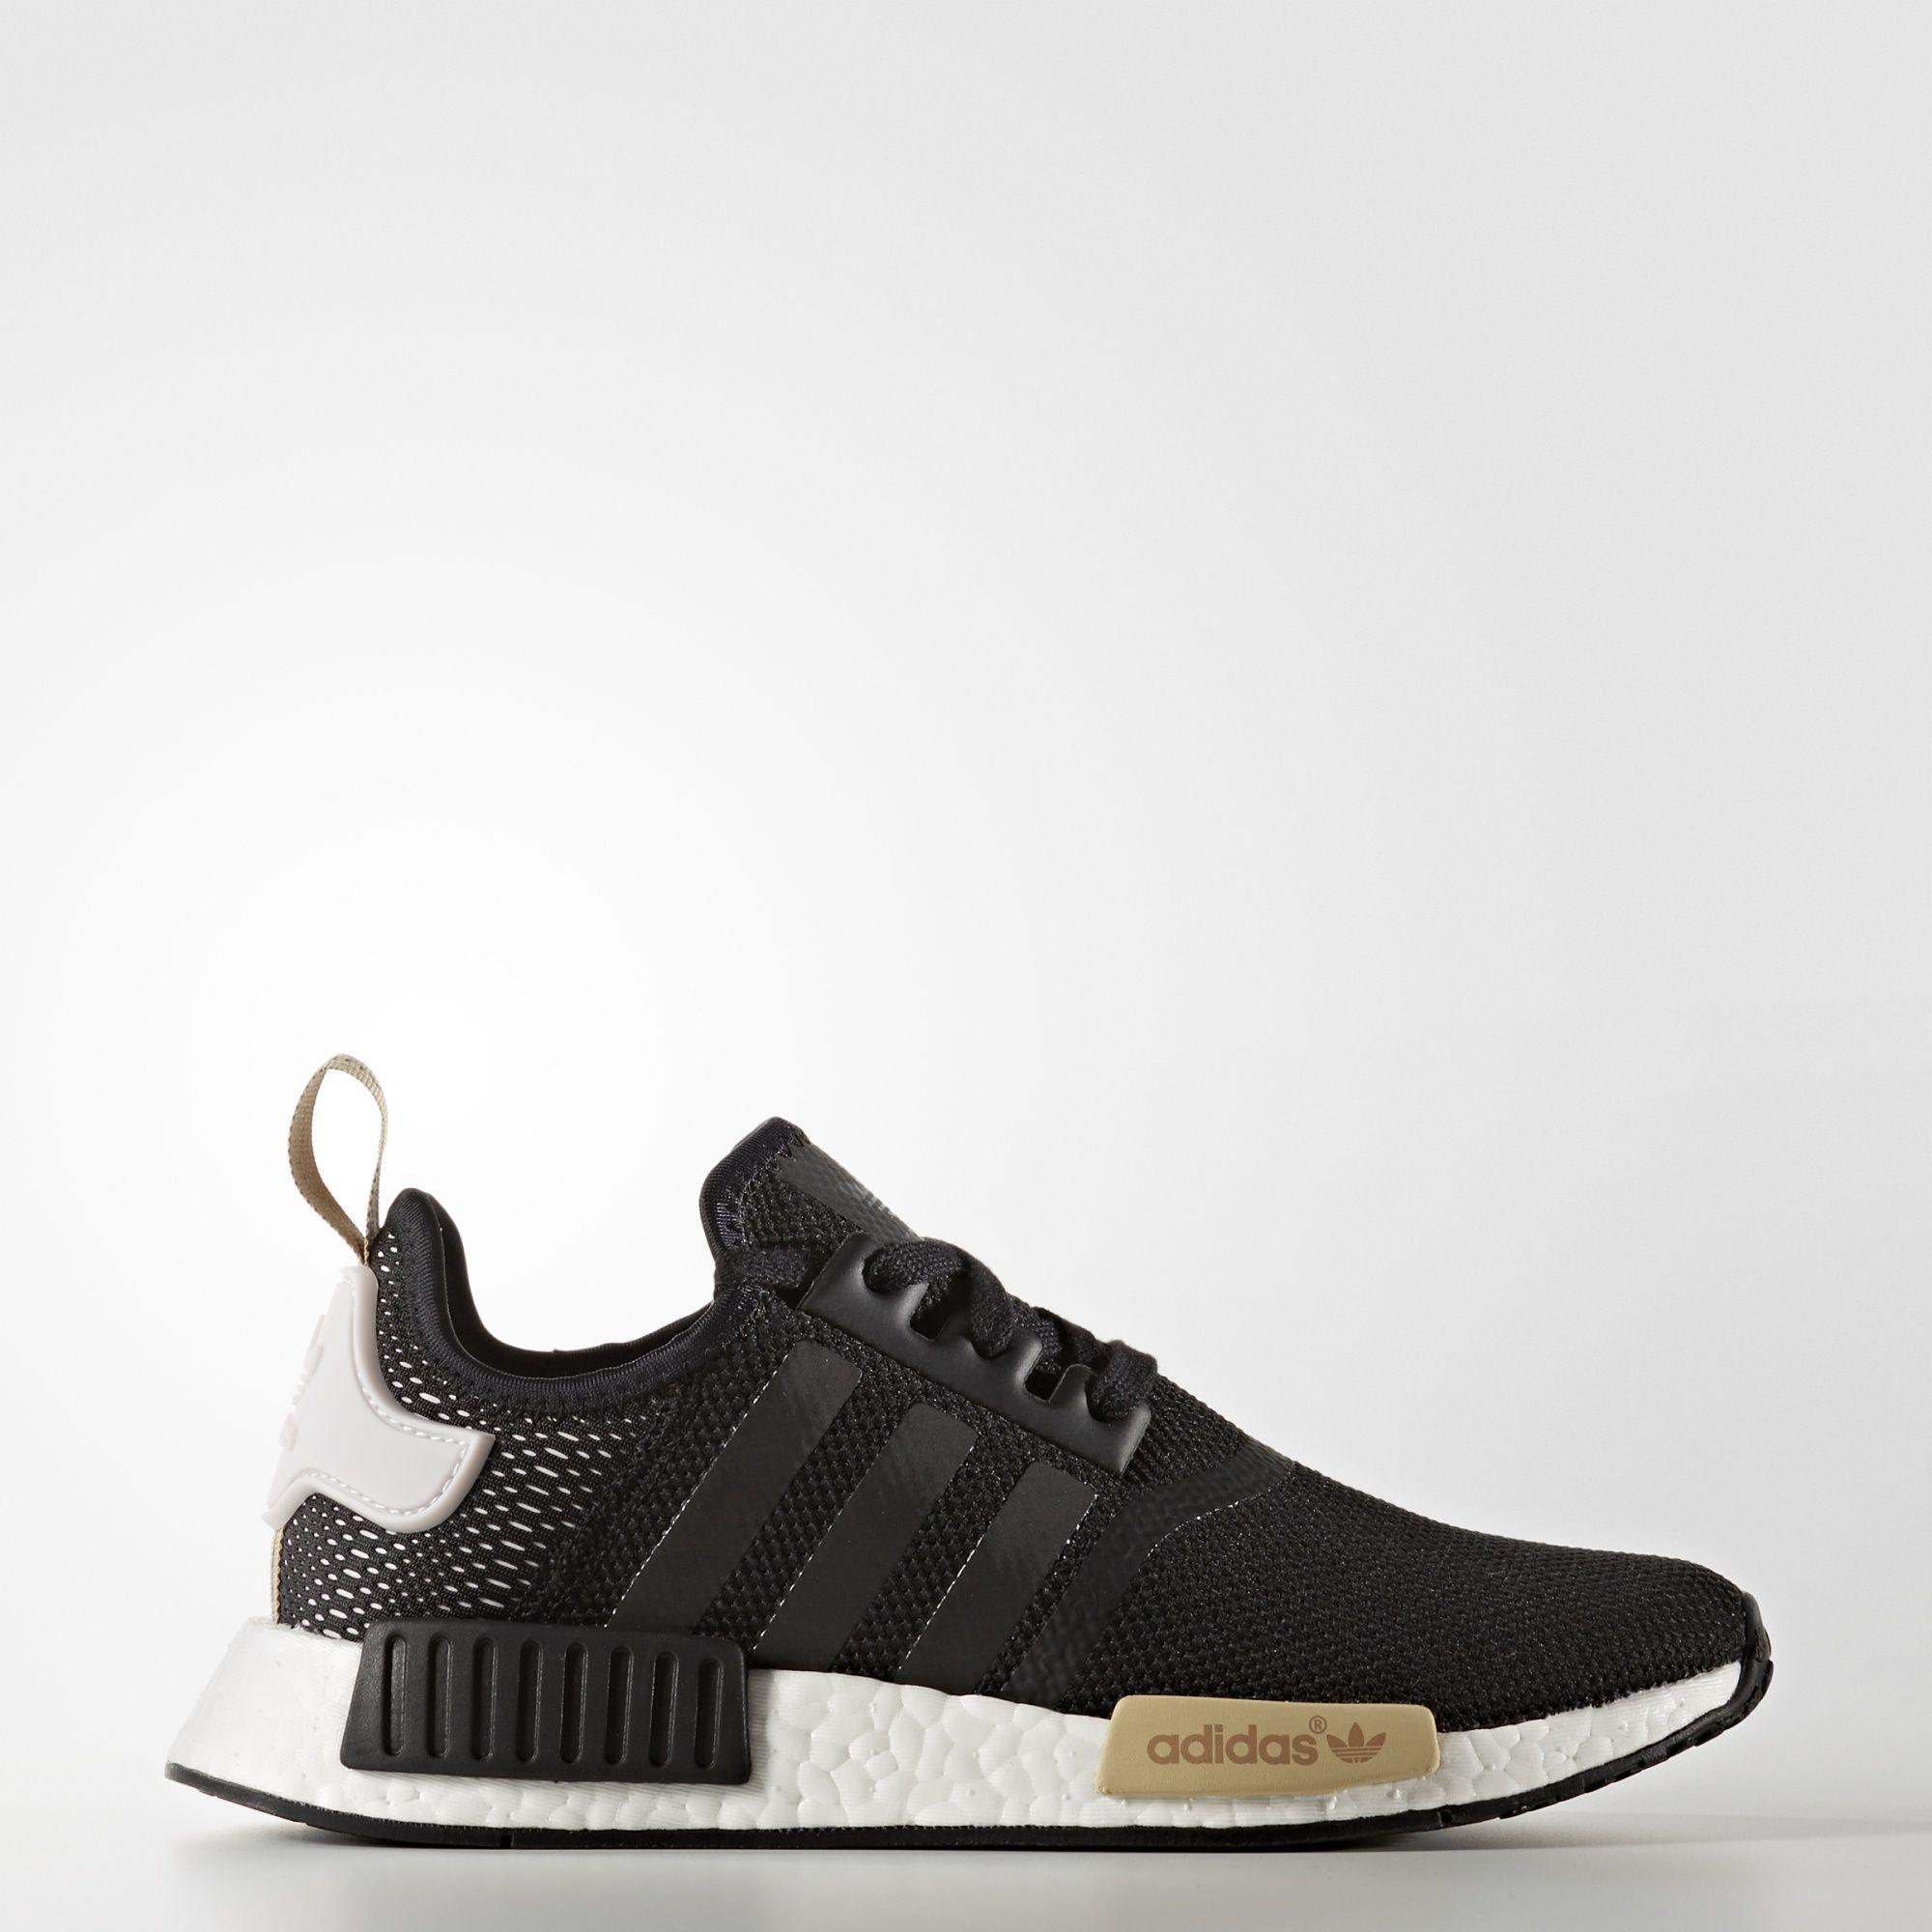 adidas - NMD R1 Shoes   shoes   Adidas shoes, Adidas, Adidas nmd e4465e66f2e